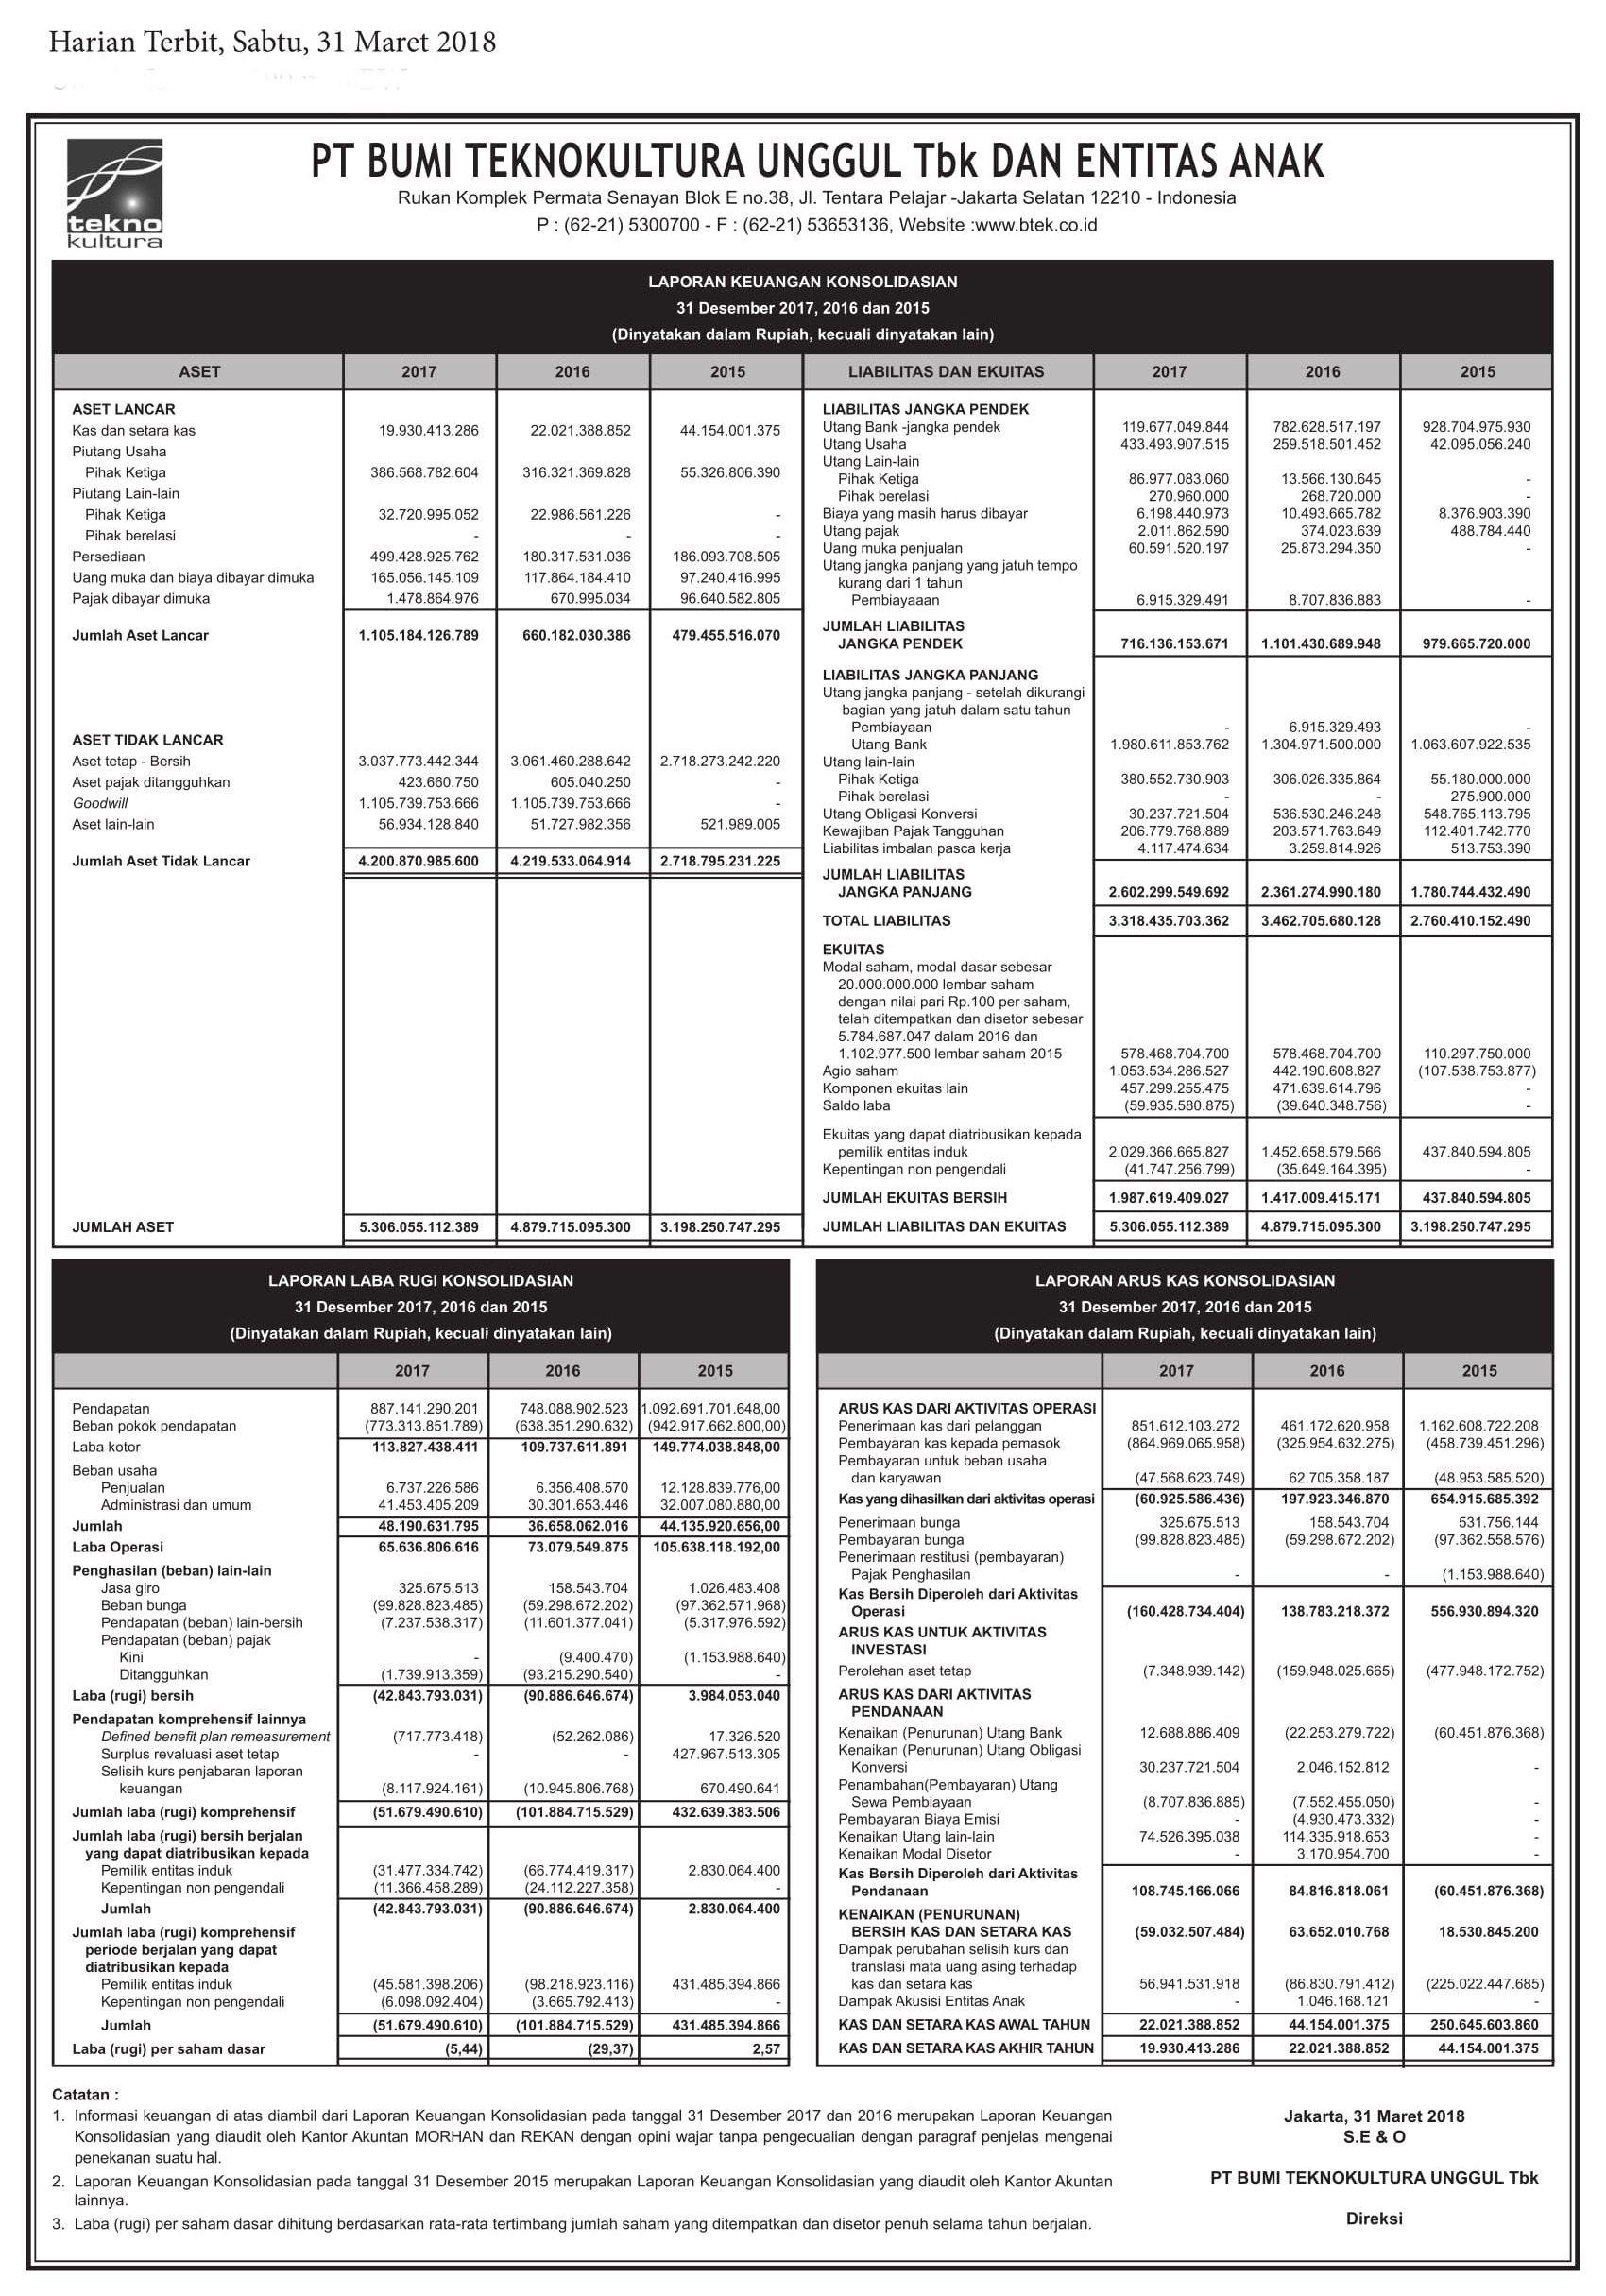 iklan pengumuman laporan keuangan 4